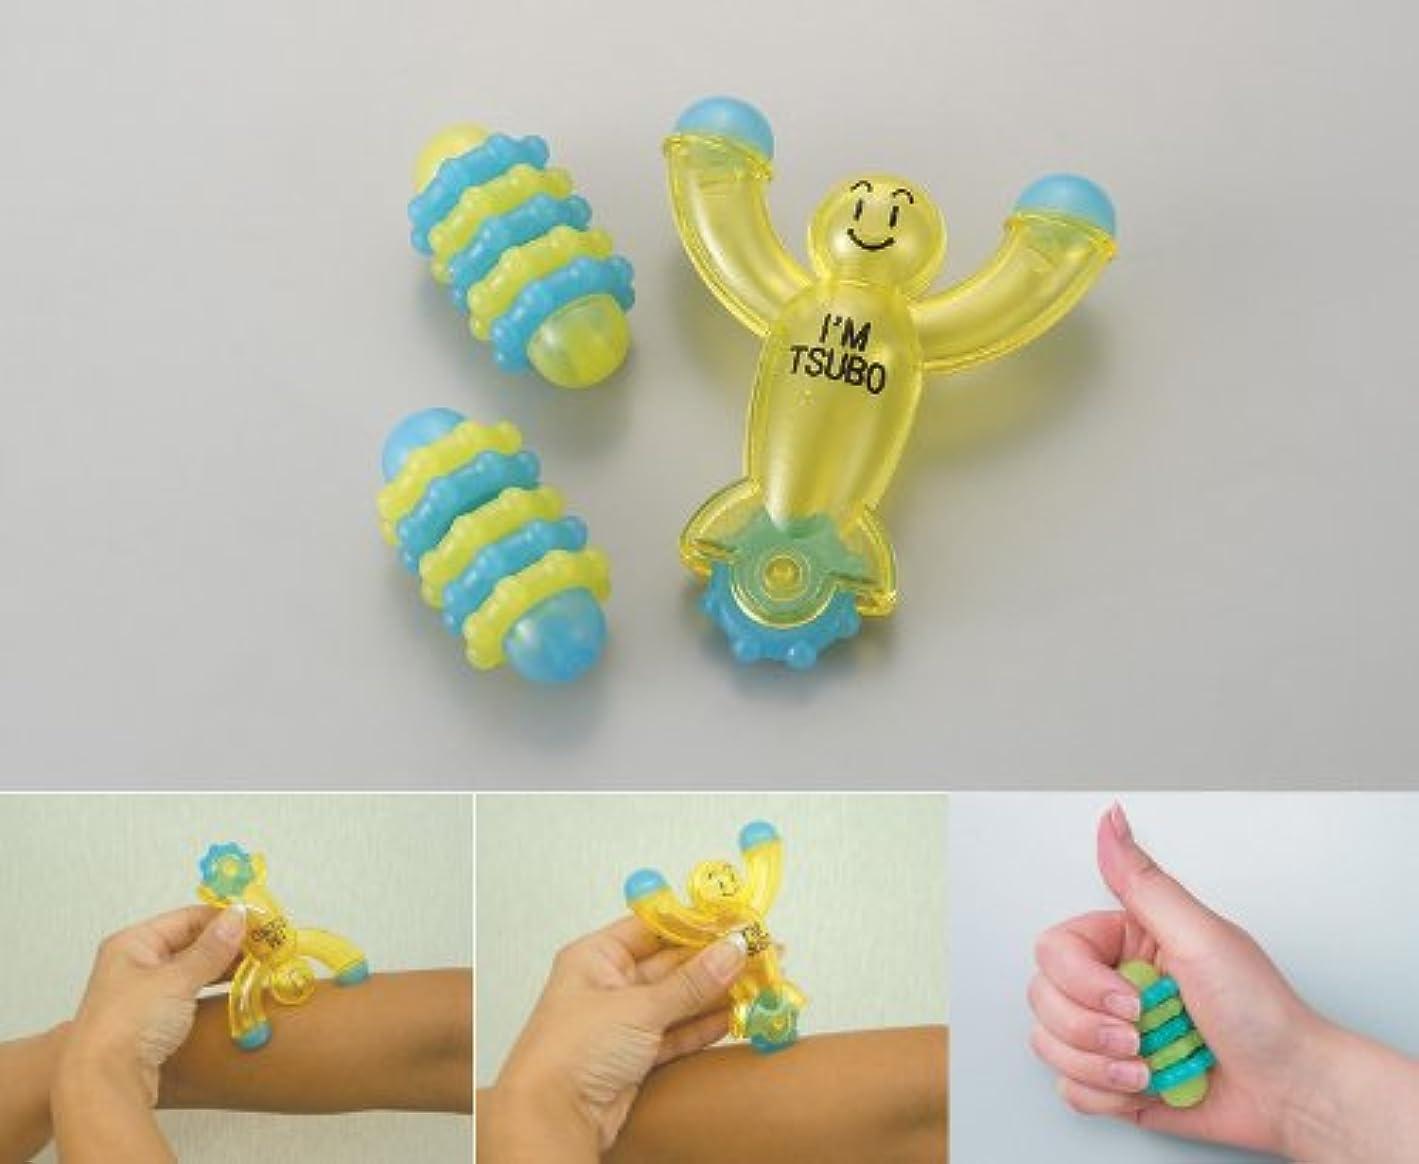 くびれた取り組むたぶんツボ押しツボローラー、手のひら健康具 ■ゆったり健康セット6